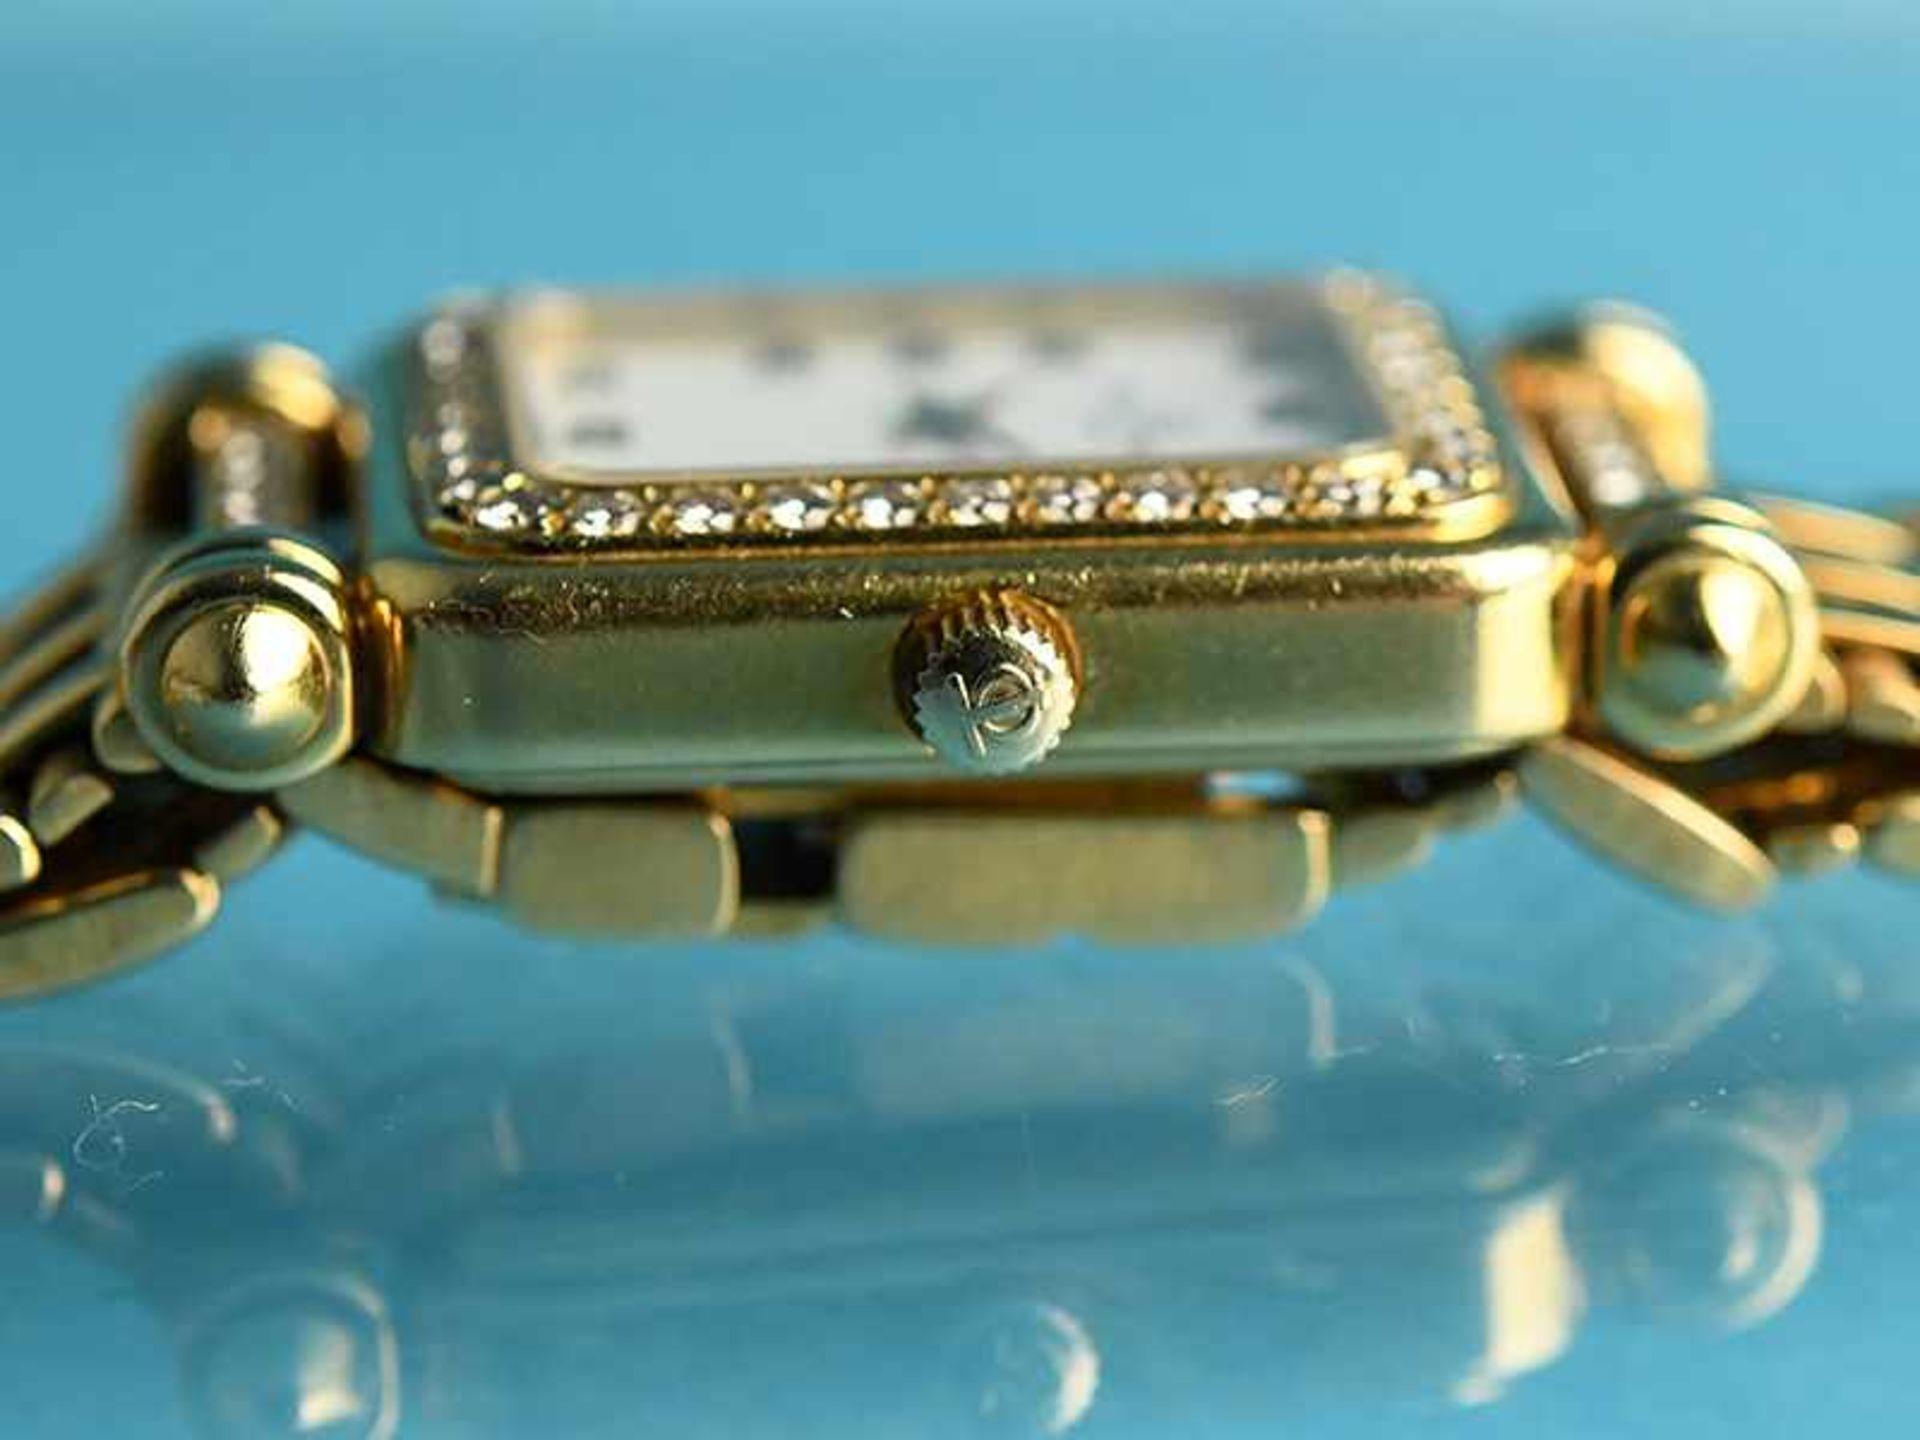 Damenarmbanduhr mit Brillanten, zusammen ca. 0,5 ct, bezeichnet Baume & Mercier, Geneve, 20. Jh. - Bild 6 aus 7